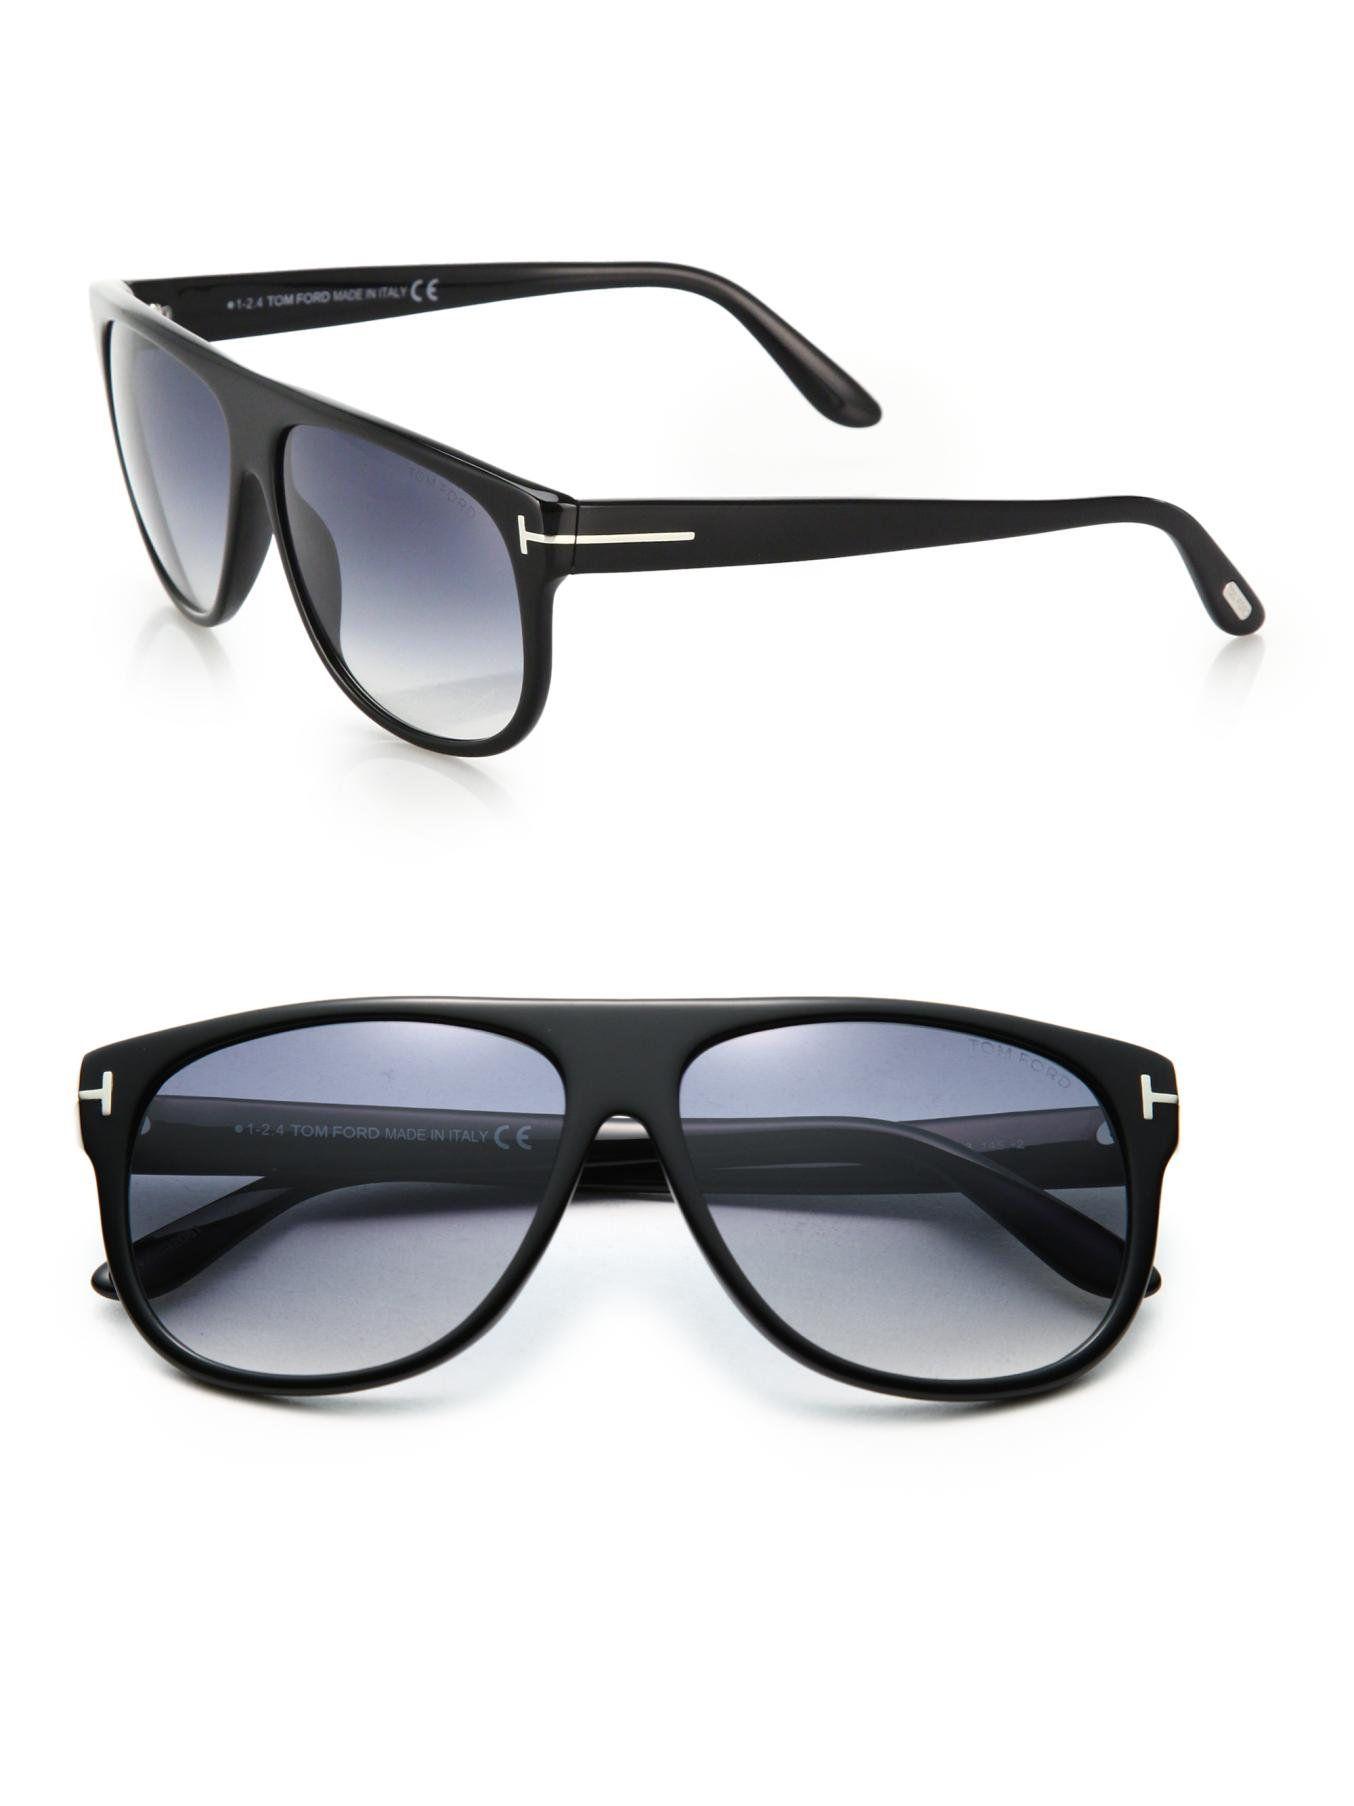 72cf585c4150 Tom Ford - Kristen Black Aviator Sunglasses